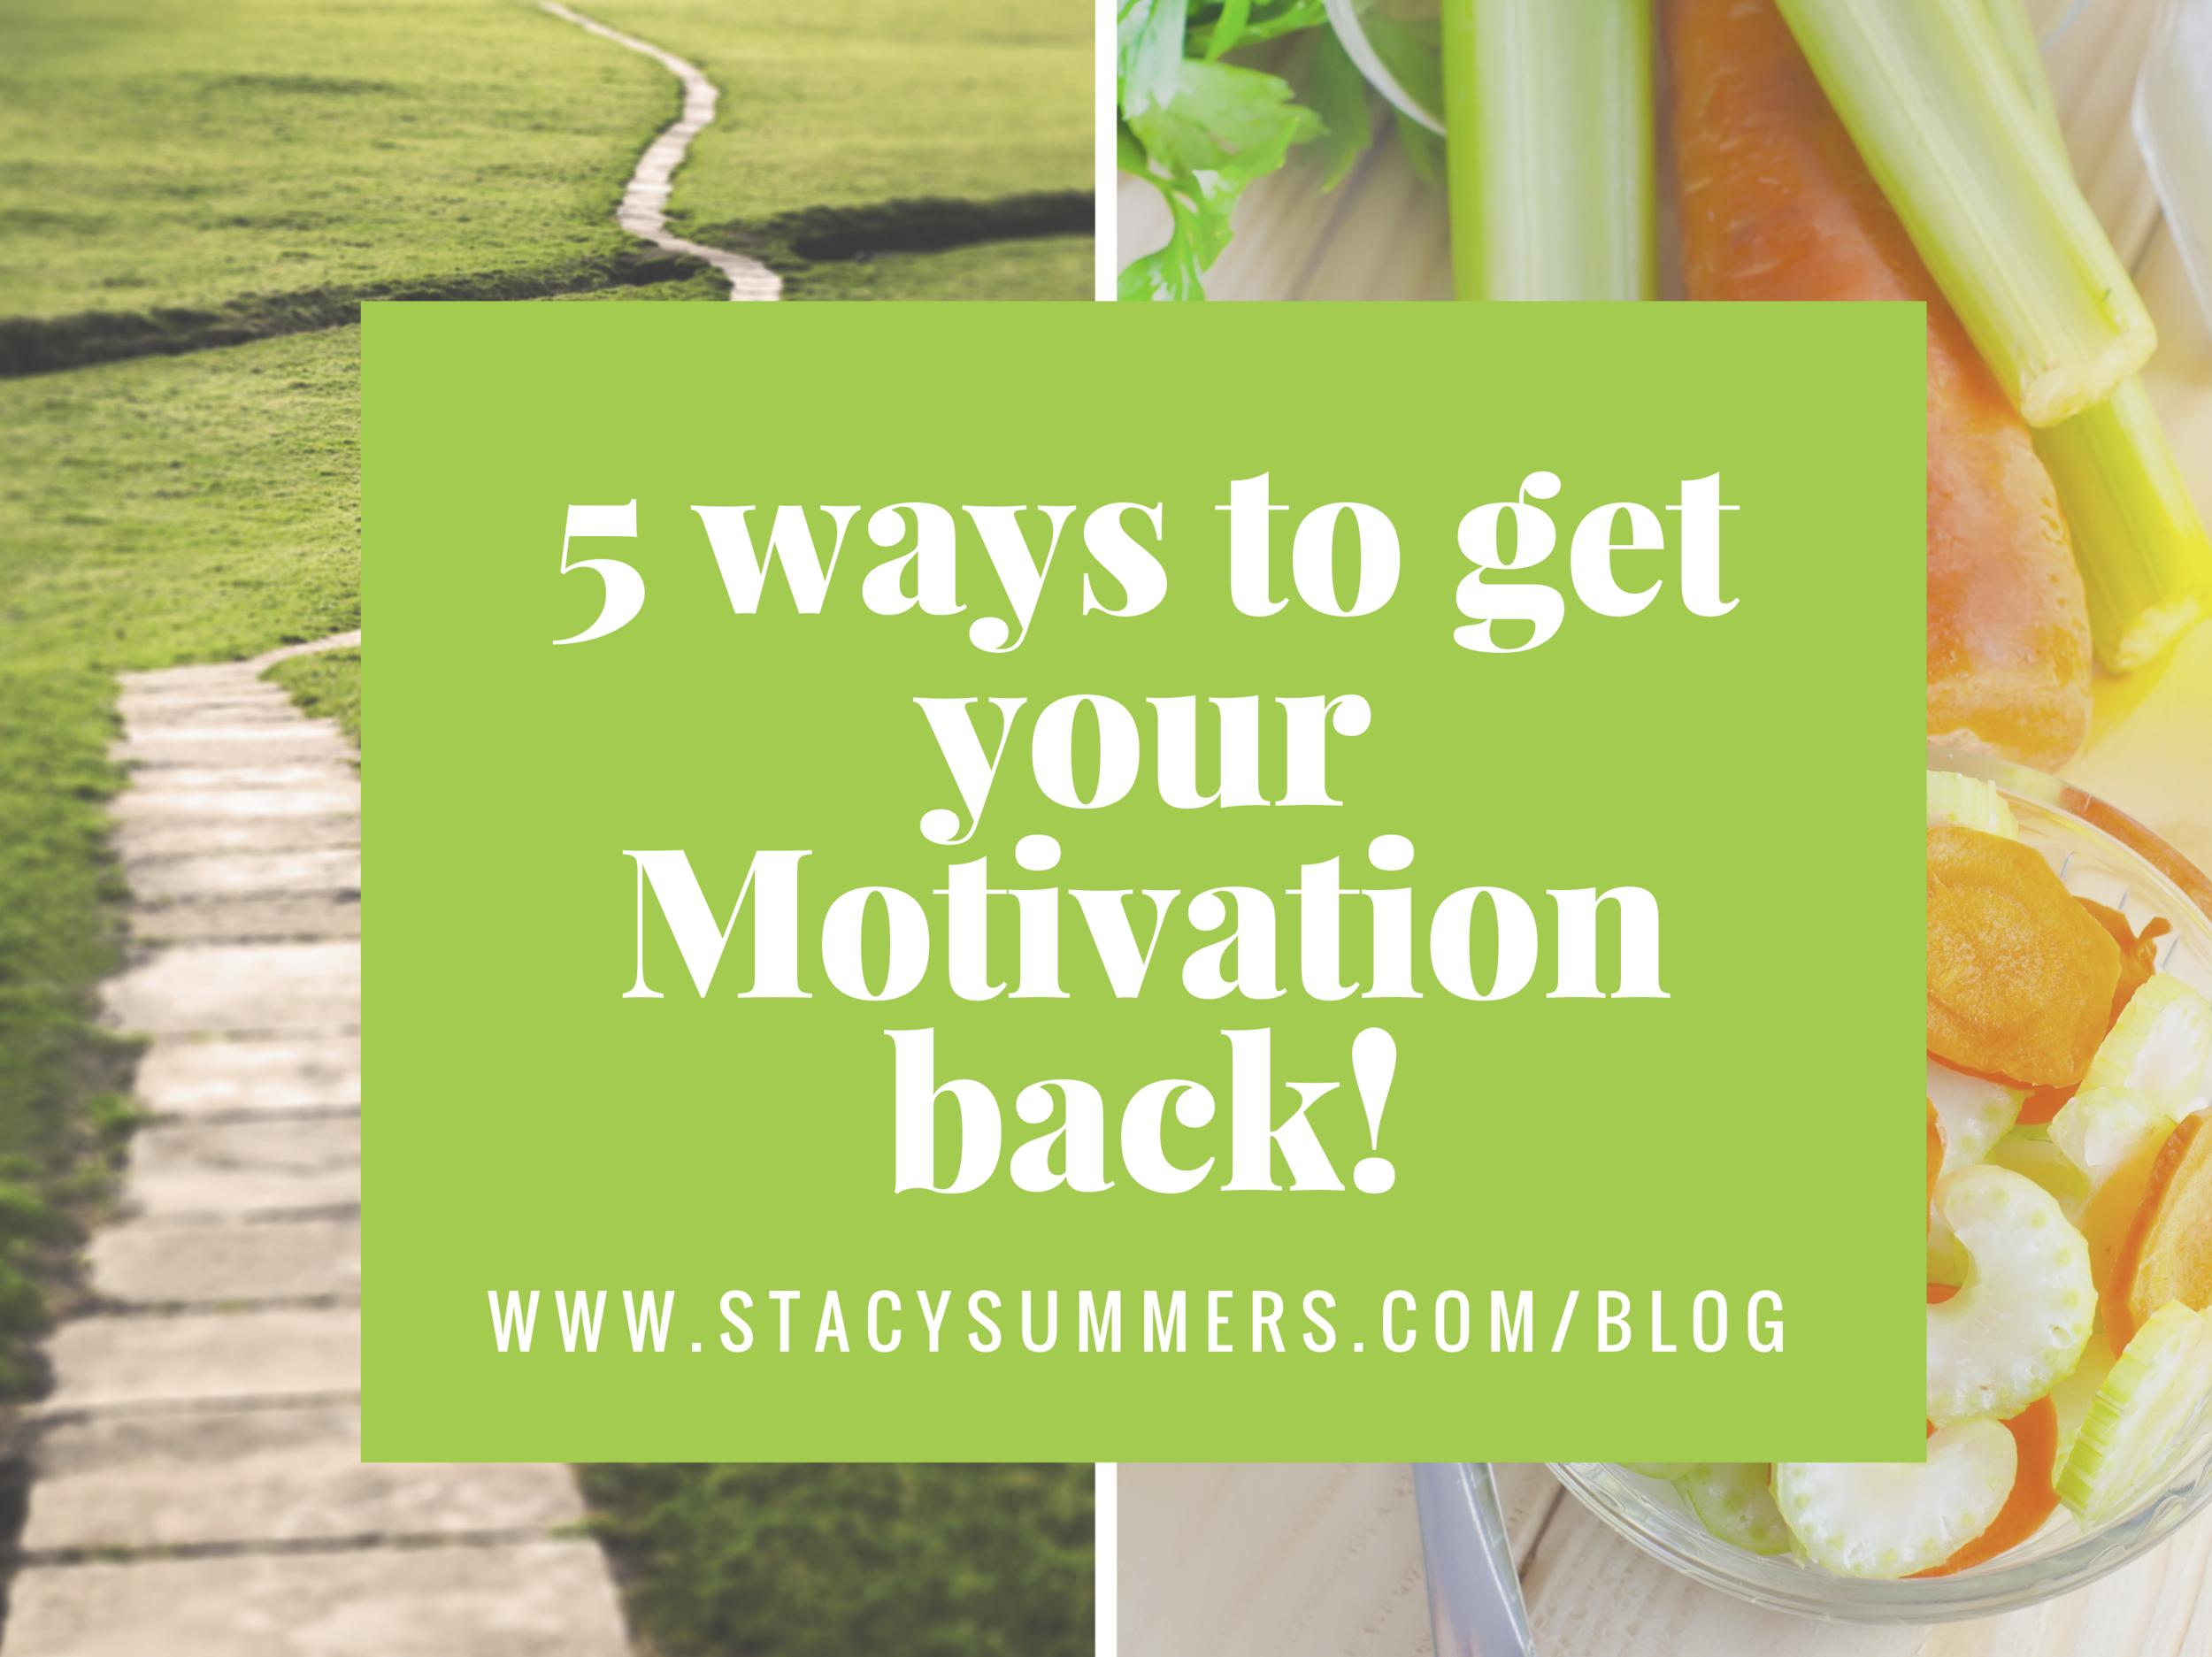 BT BLOG 5 ways to get your Motivation back!.png